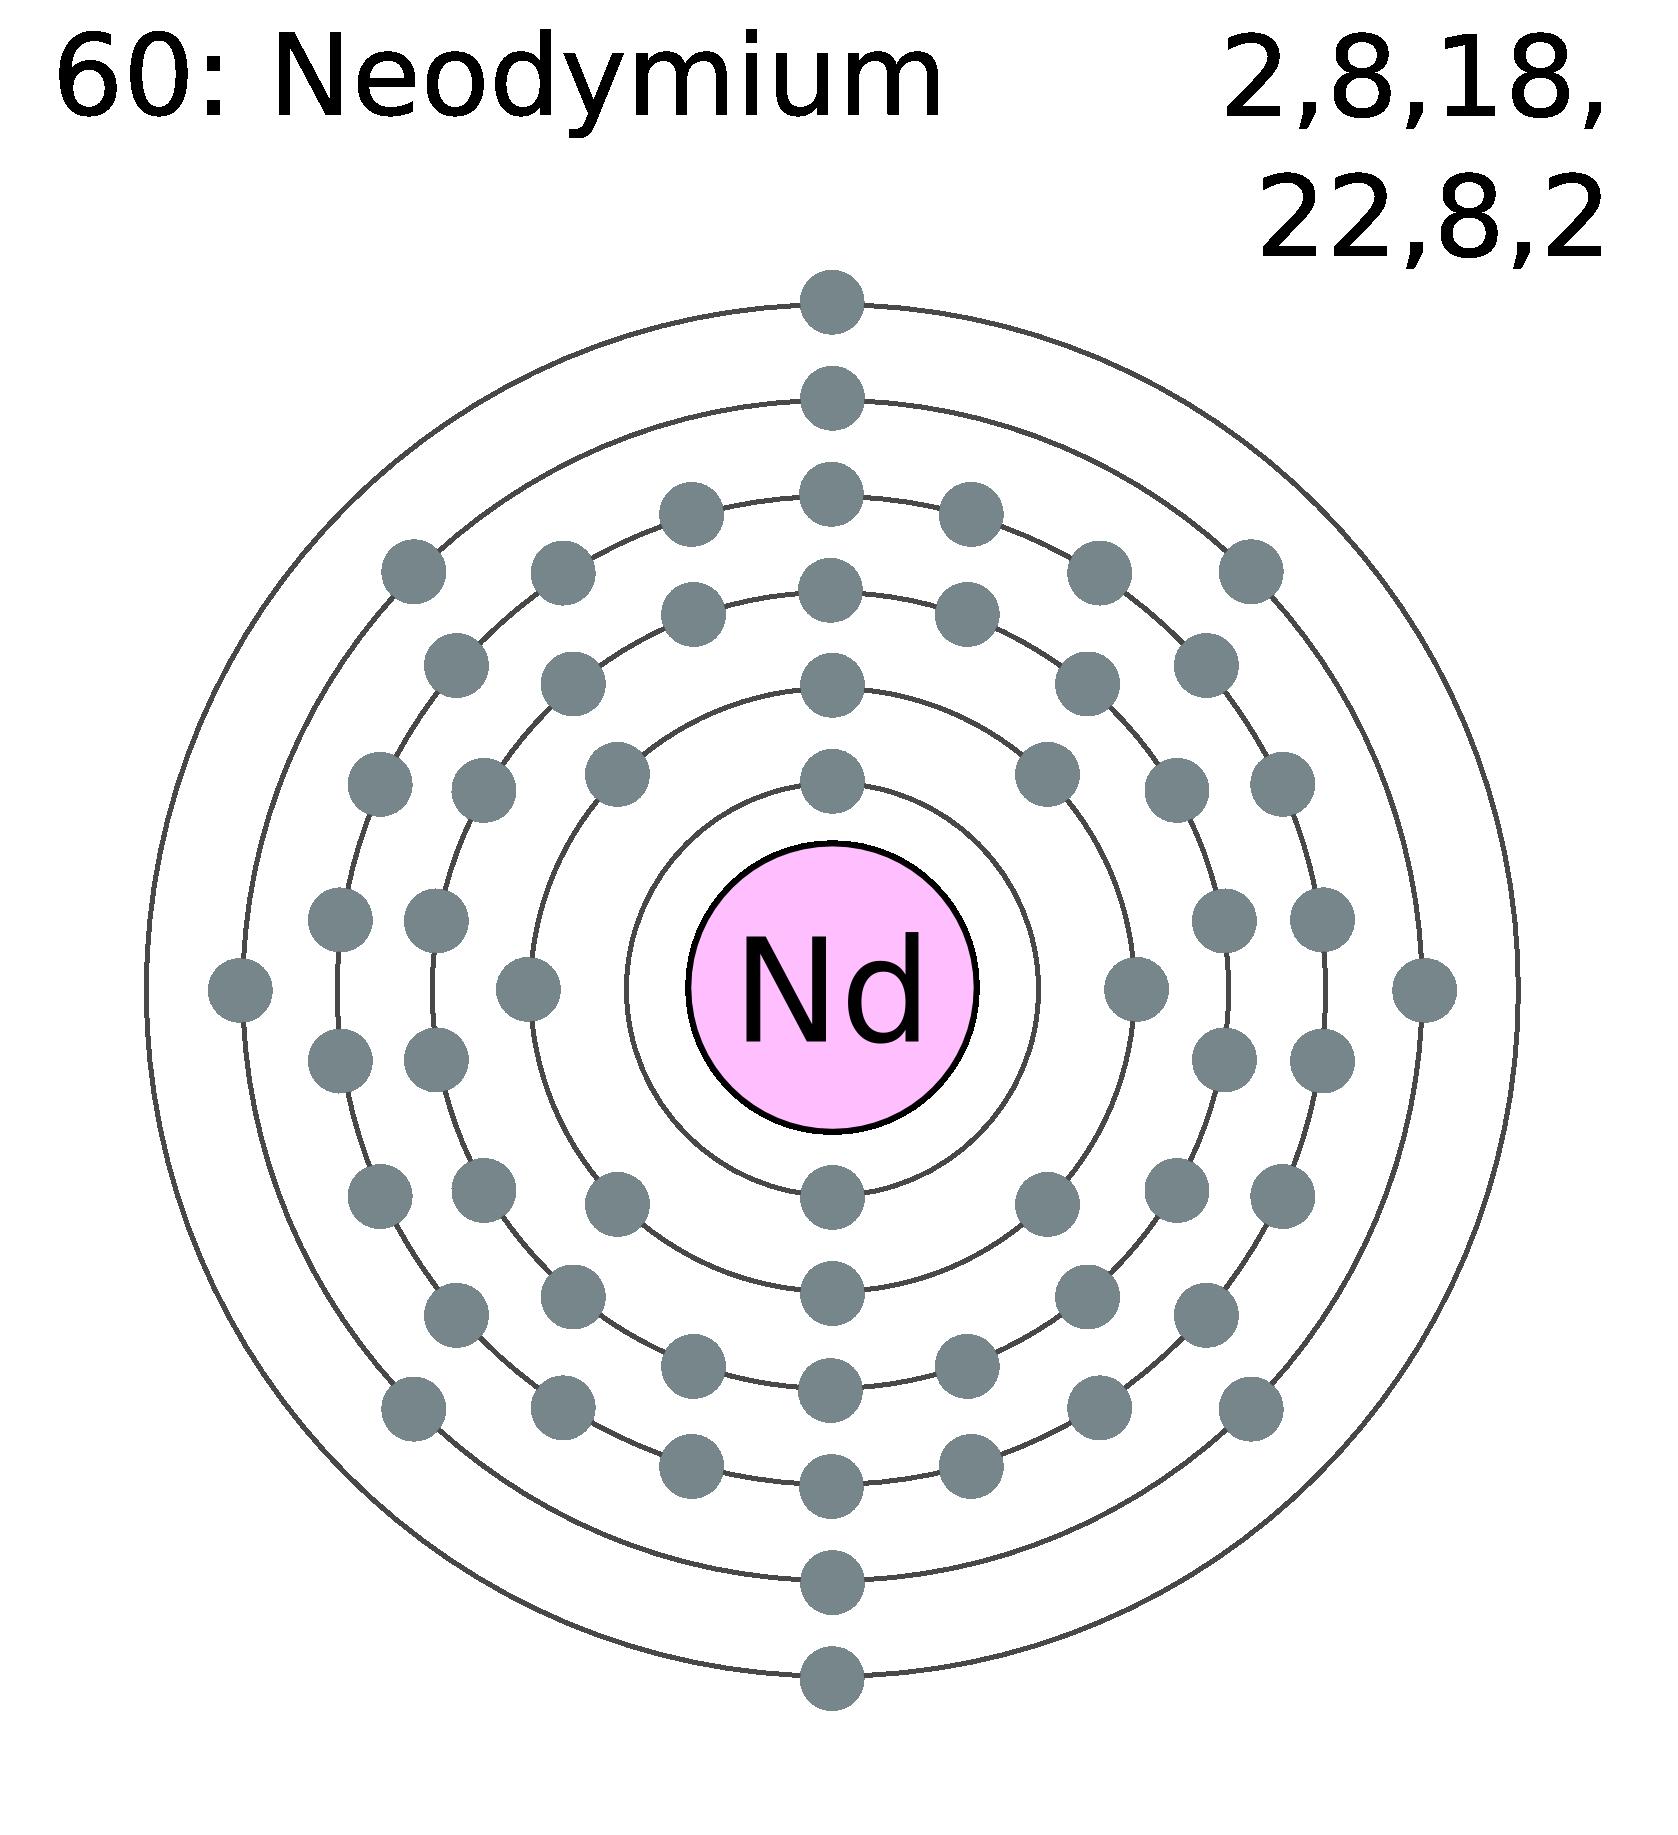 Is Neodymium A Solid Liquid Or Gas At Room Temperature